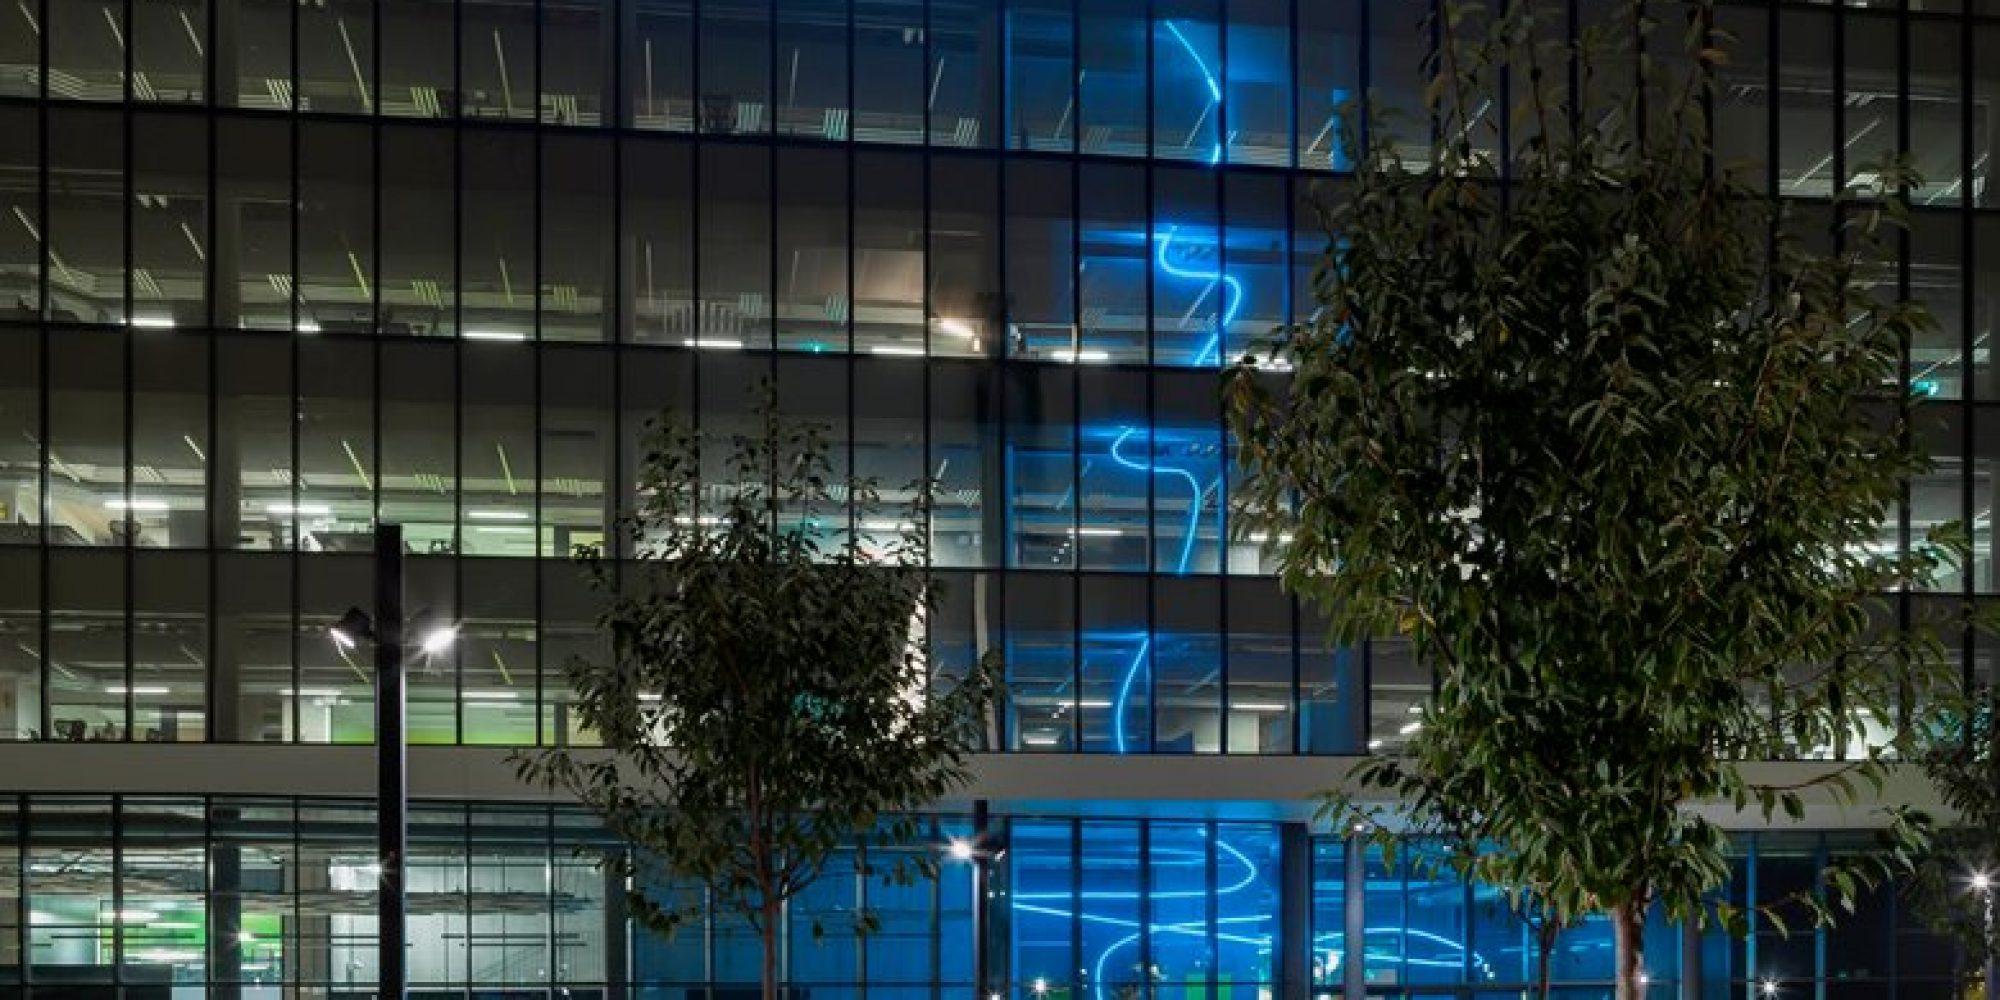 0_Pollice-Illuminazione-Luce-per-lArte_photo-by-Paolo-Riolzi